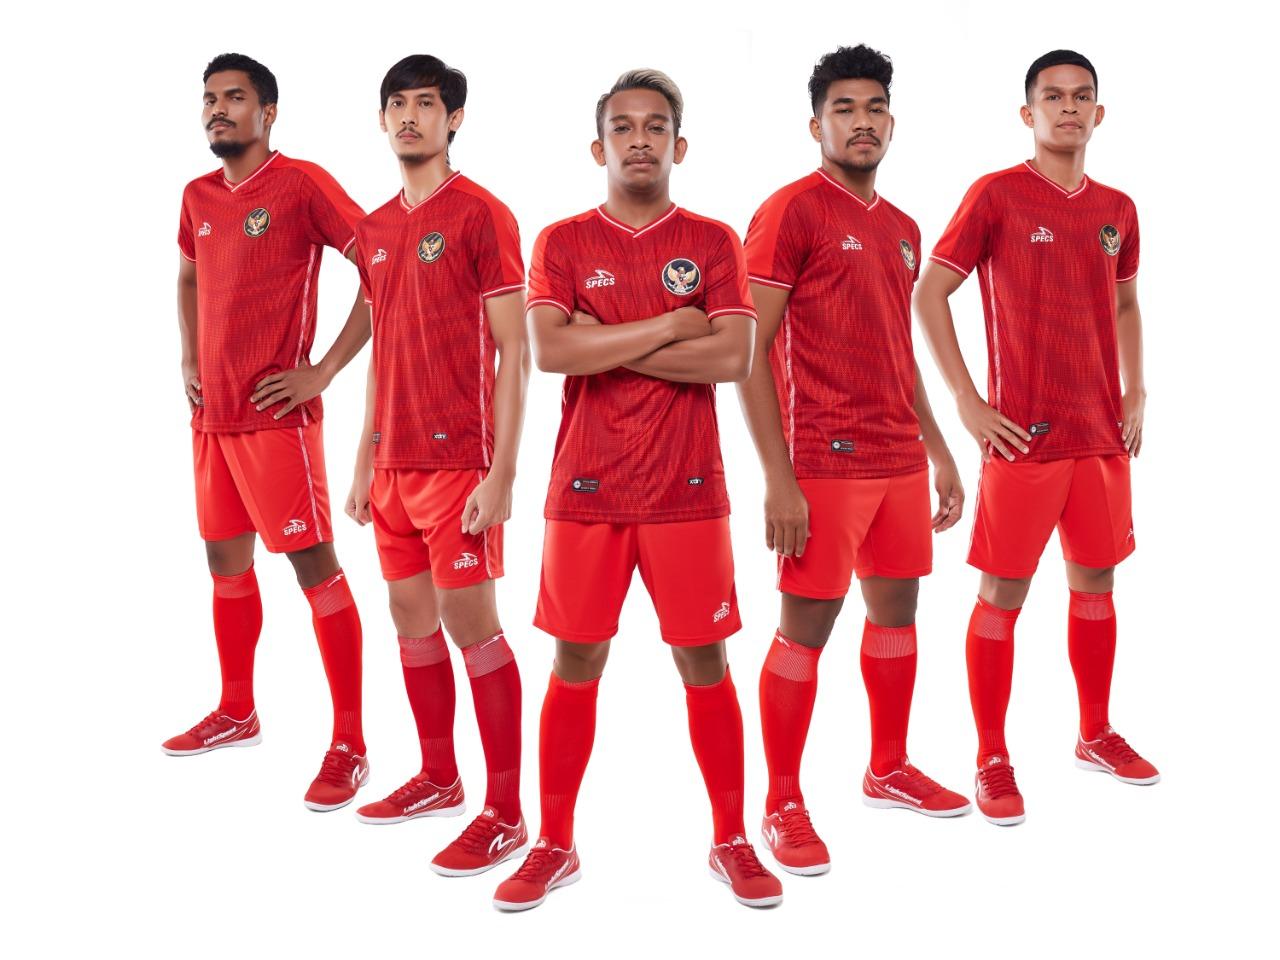 https: img.okezone.com content 2021 04 06 51 2389964 keren-begini-official-jersey-home-untuk-tim-nasional-futsal-indonesia-yang-terbaru-Wl3U4Y05OJ.jpeg